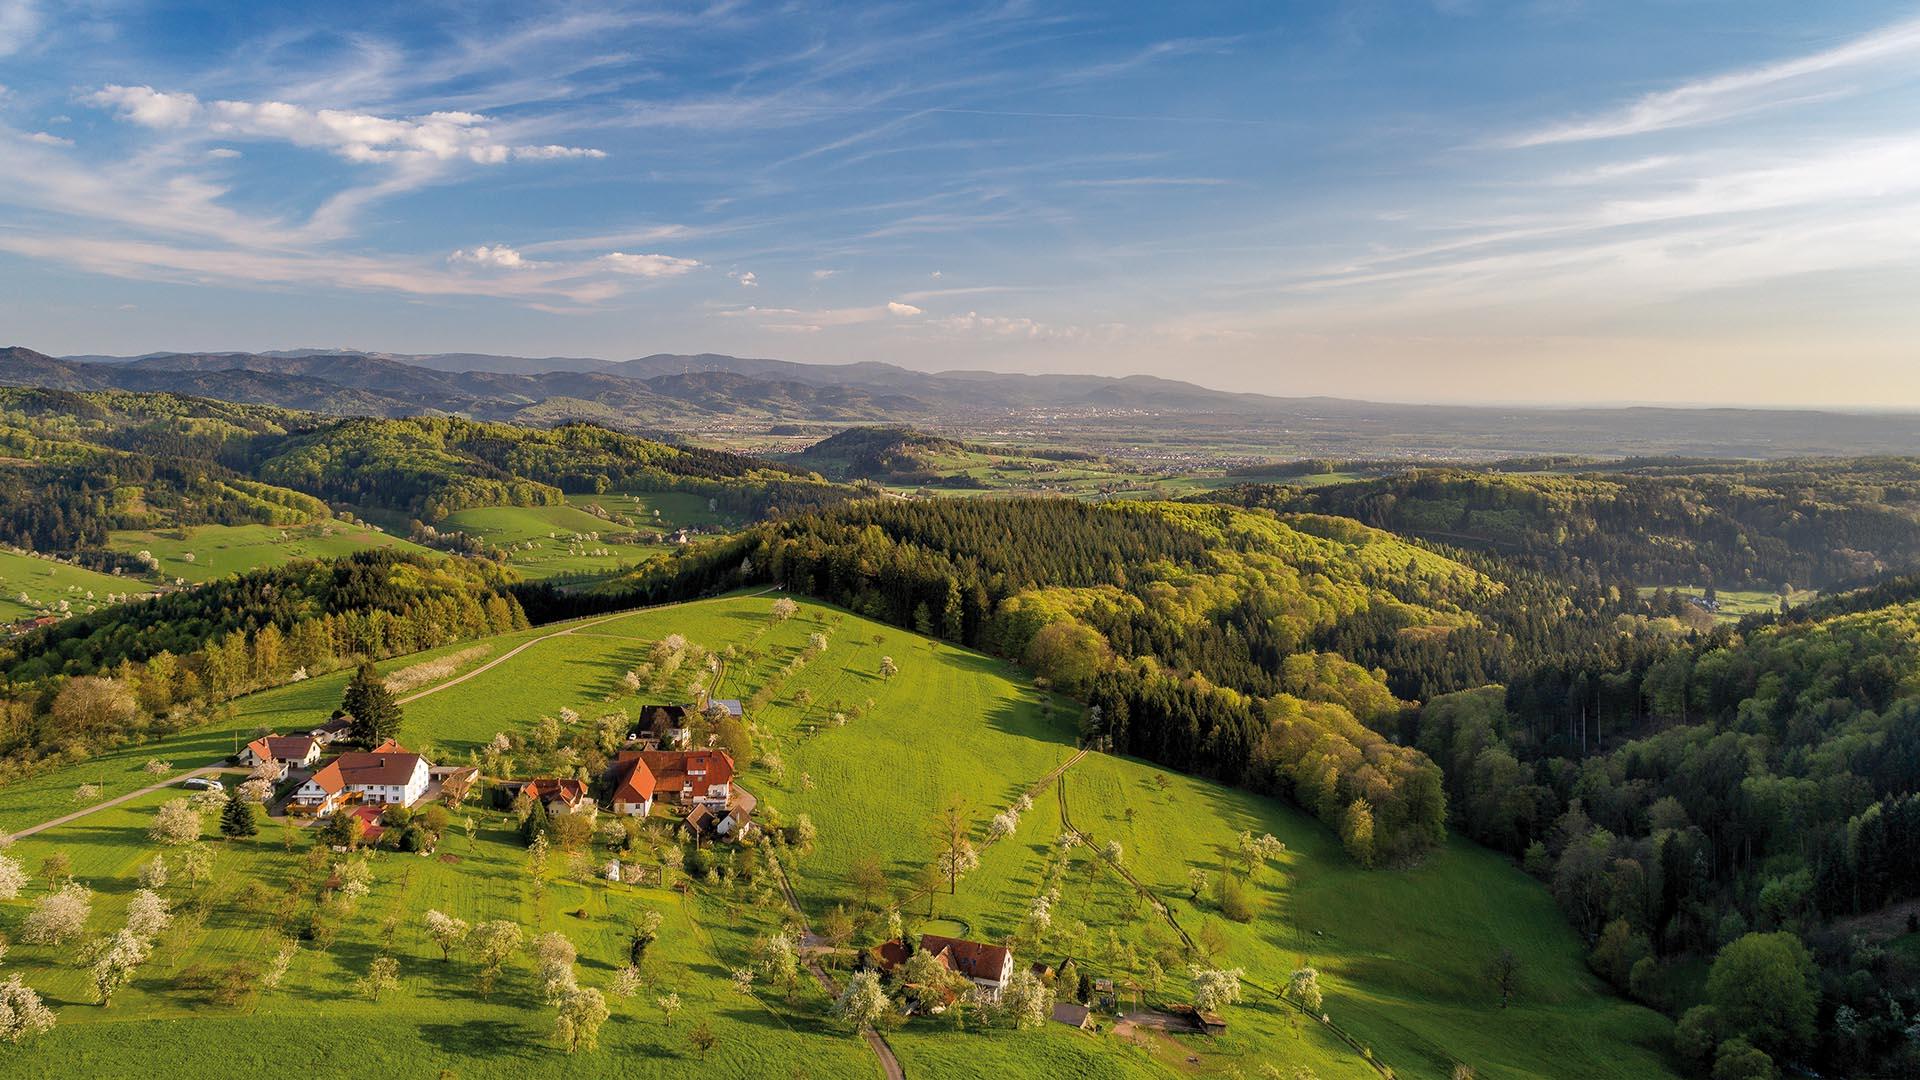 Ferienhaus am Schönwasen - Panorama Frühling